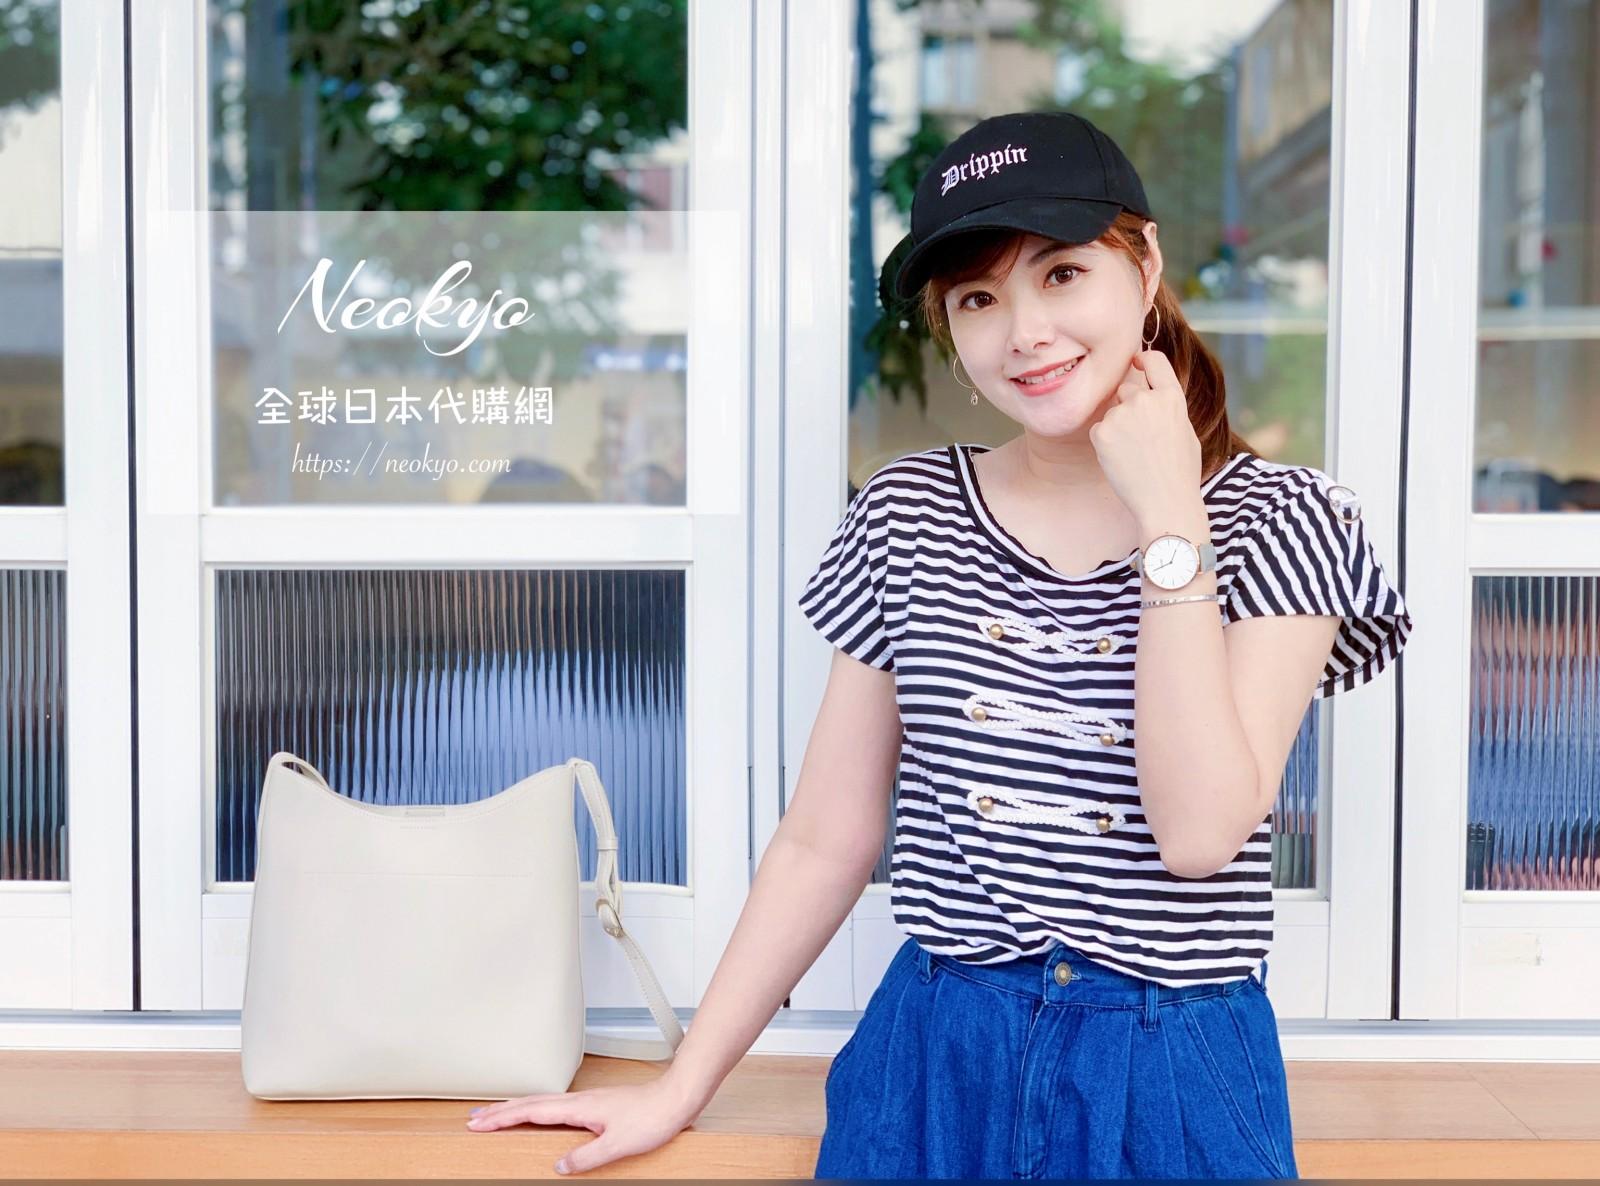 即時熱門文章:☆【購物】Neokyo全球日本代購網使用說明、運費估算工具